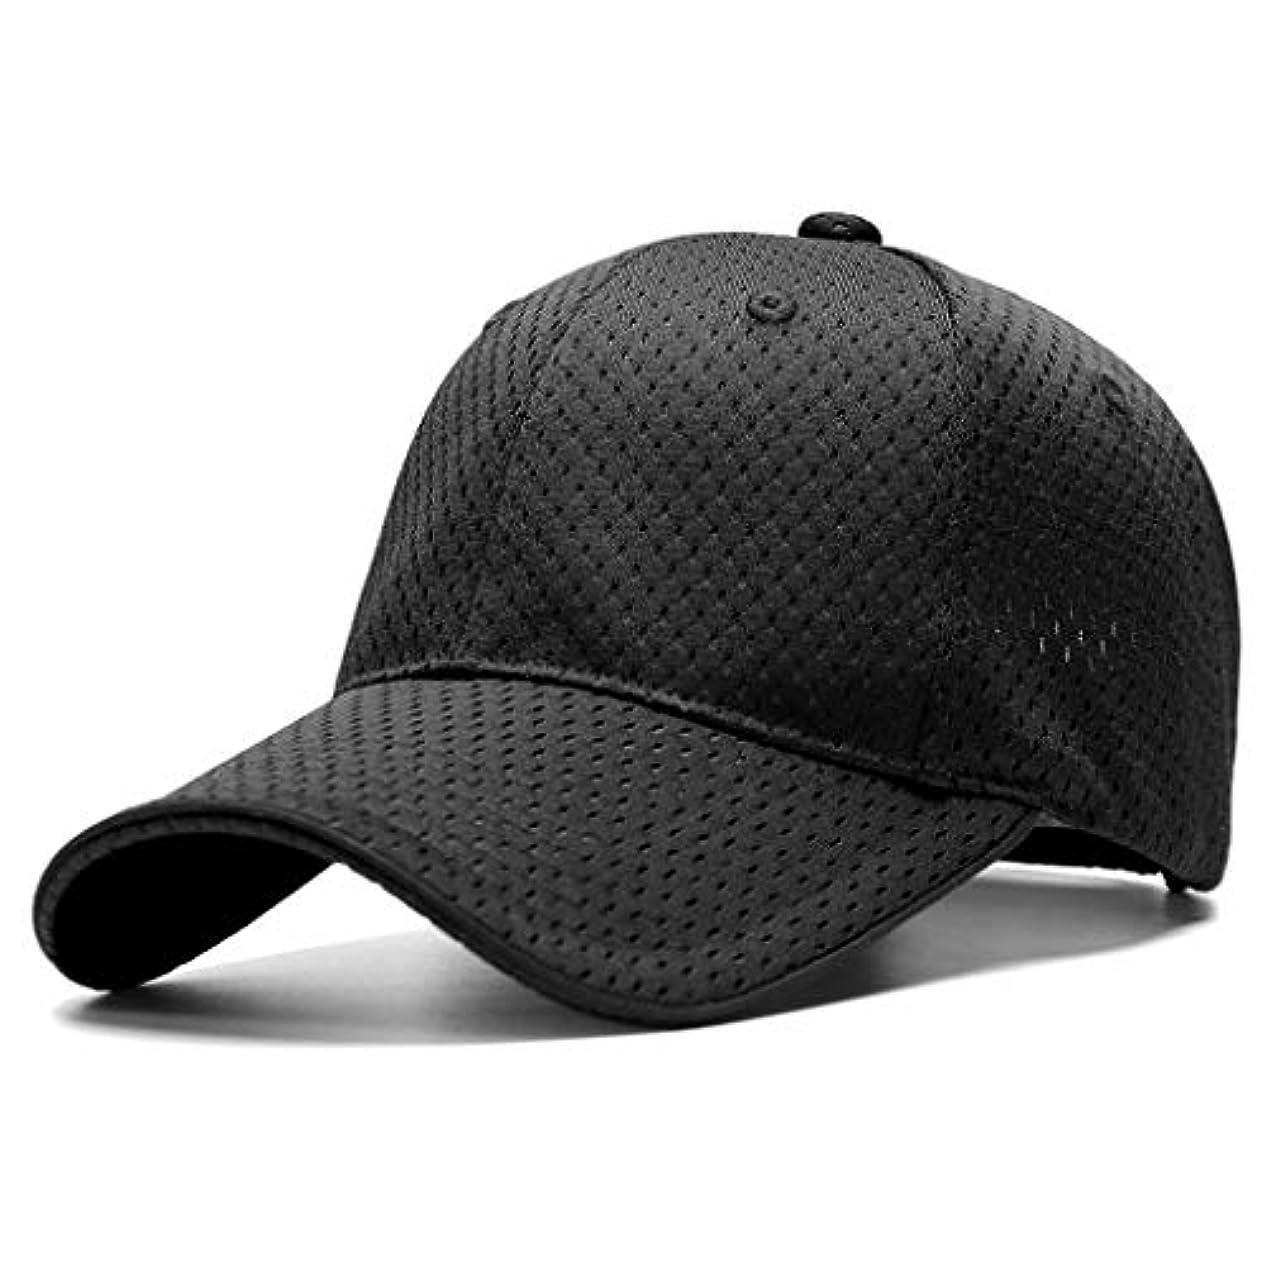 引き金コック行日よけ帽 太陽の帽子男性夏フルメッシュ通気性ヘッド円周野球帽日焼け止めバイザーキャップファッショントレンド ZHAOSHUNLI (Color : Black, Size : L (55-58cm))